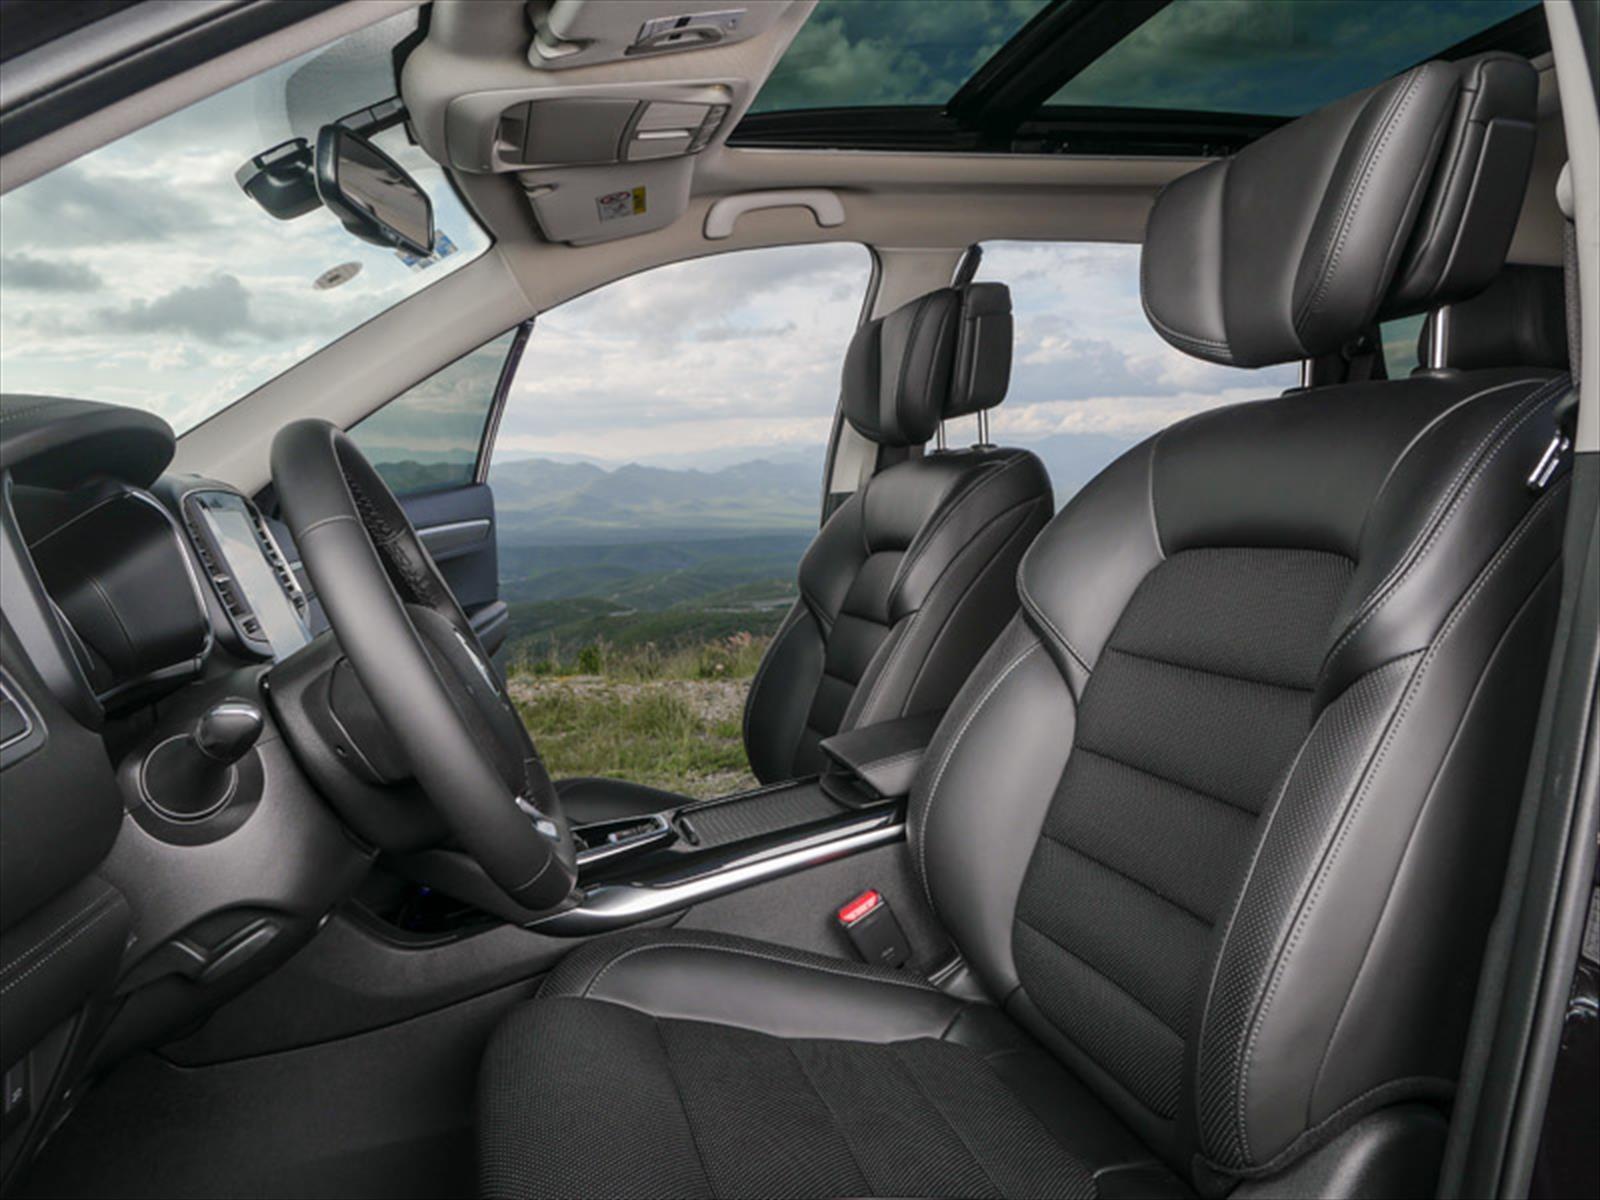 Renault Koleos Minuit 2019 a prueba: un SUV de edición